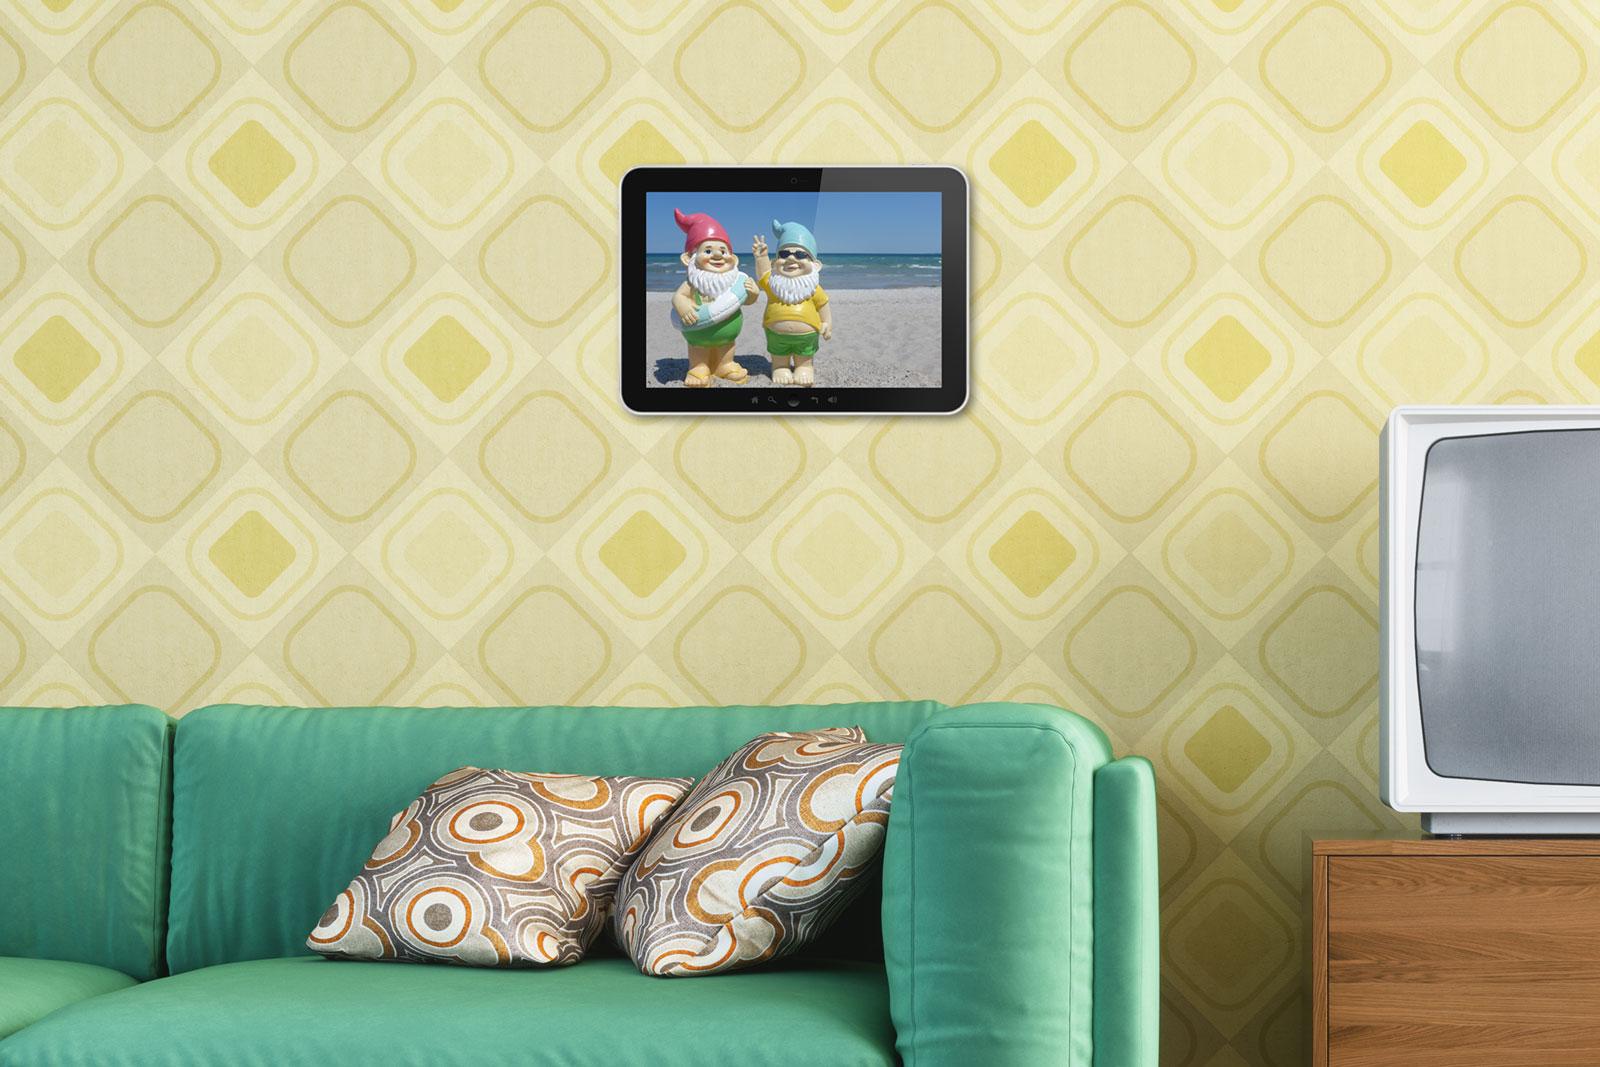 smart recyceln so wird aus dem alten tablet ein digitaler bilderrahmen w stenrot mein leben. Black Bedroom Furniture Sets. Home Design Ideas